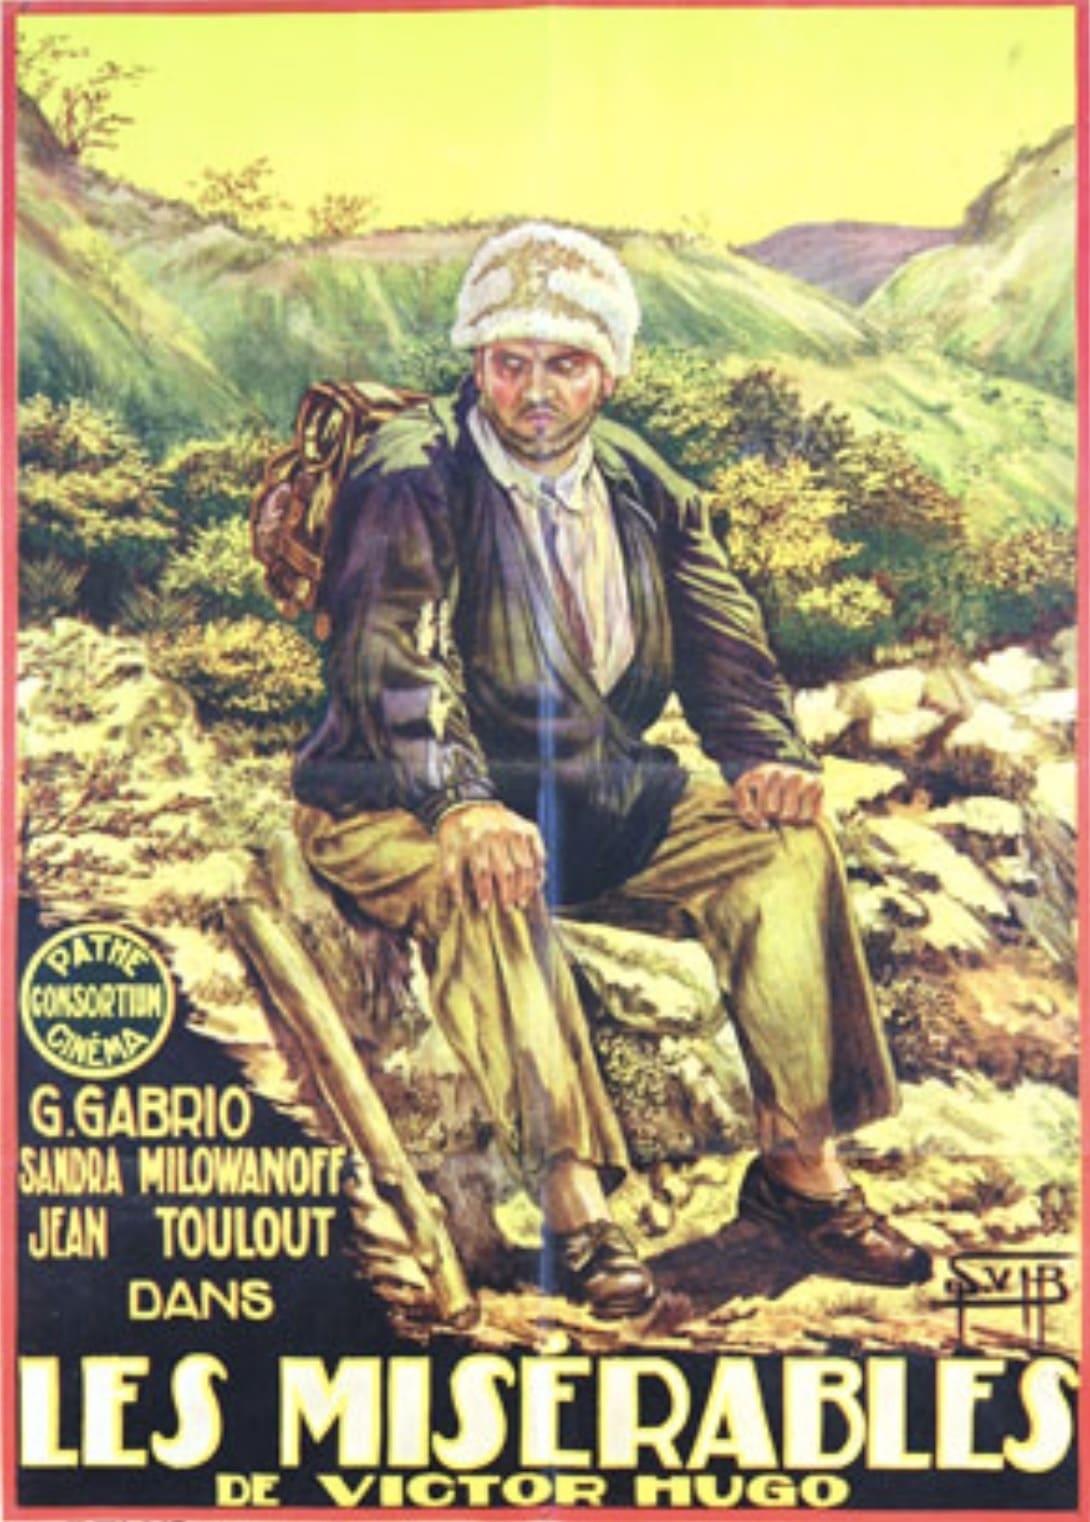 Les misérables (1925)